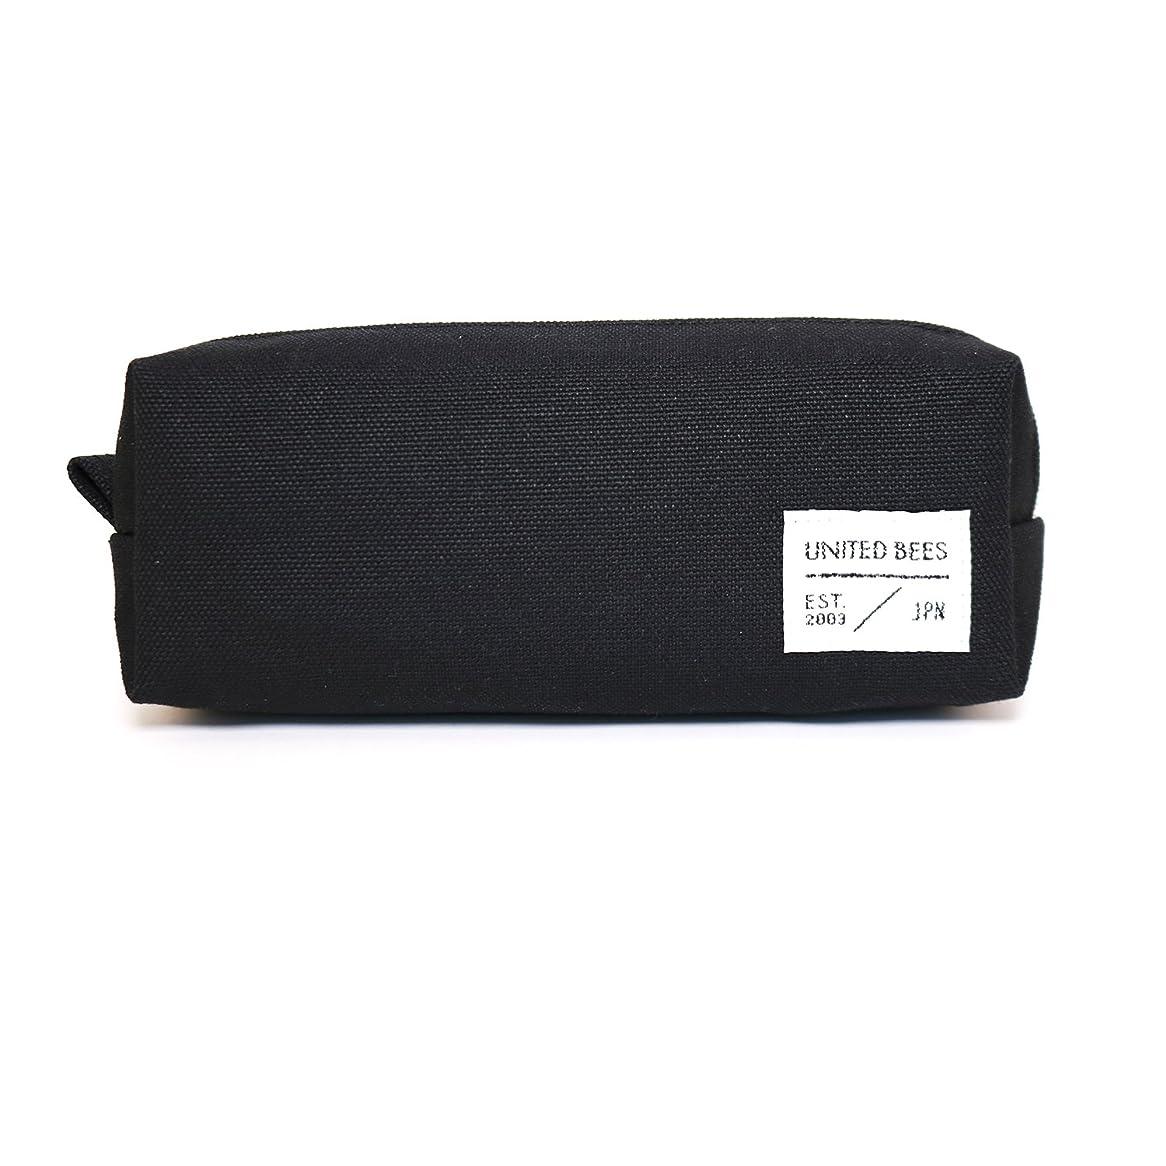 チケットご飯ジャムユナイテッドビーズ ボックスペンケース ブラック UBM-BXPN-01